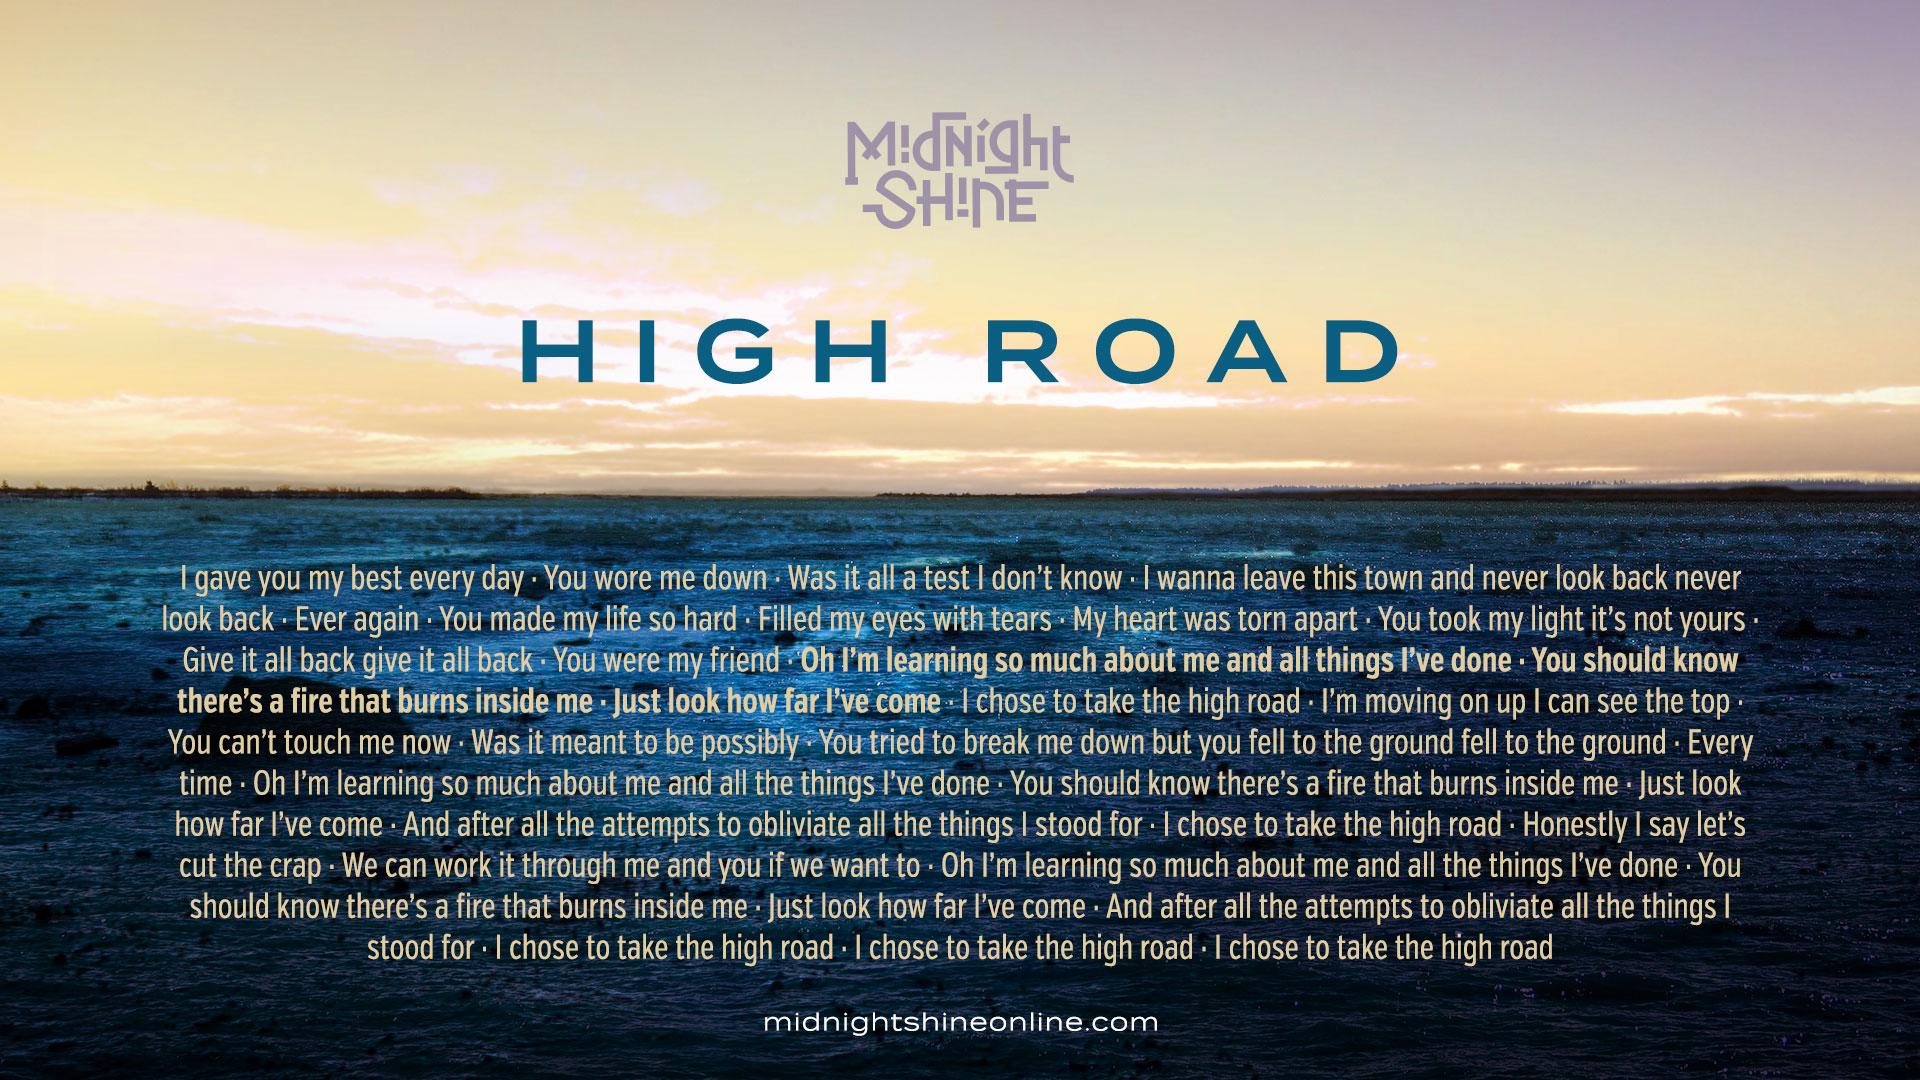 highroad-lyrics